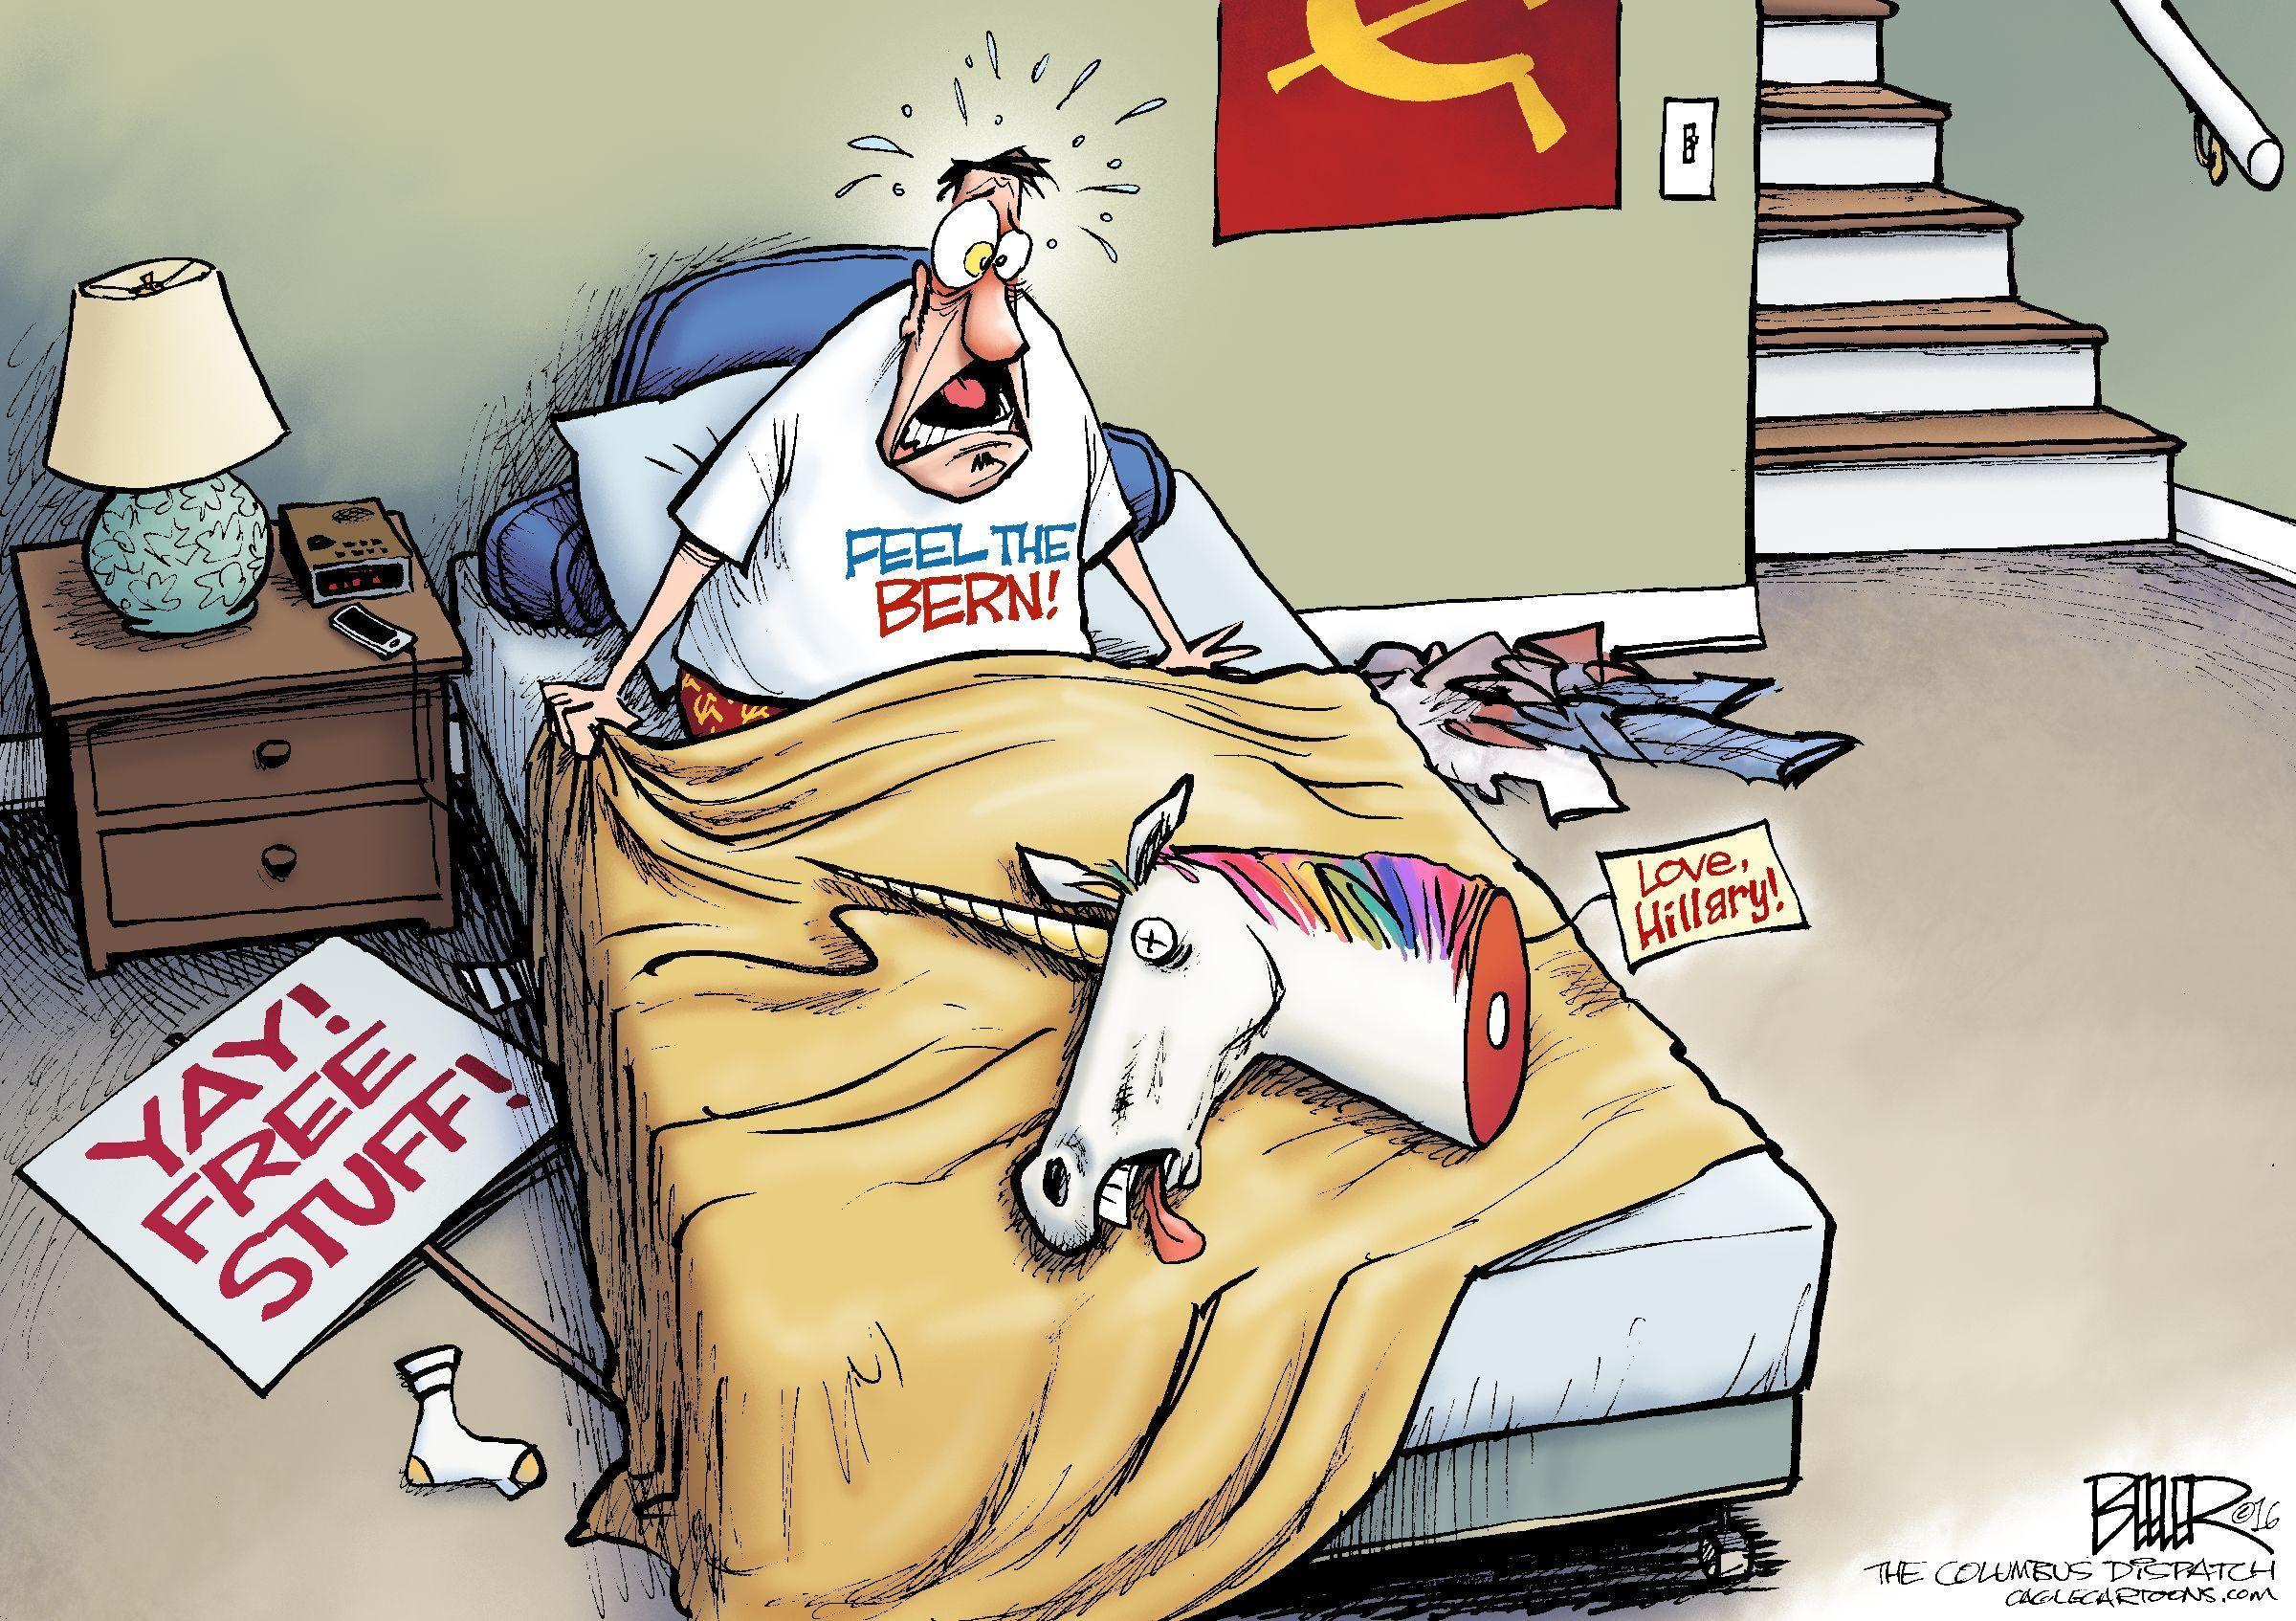 Nate Beeler Cartoon On Bernie Sanders Supporters Feeling The Bern